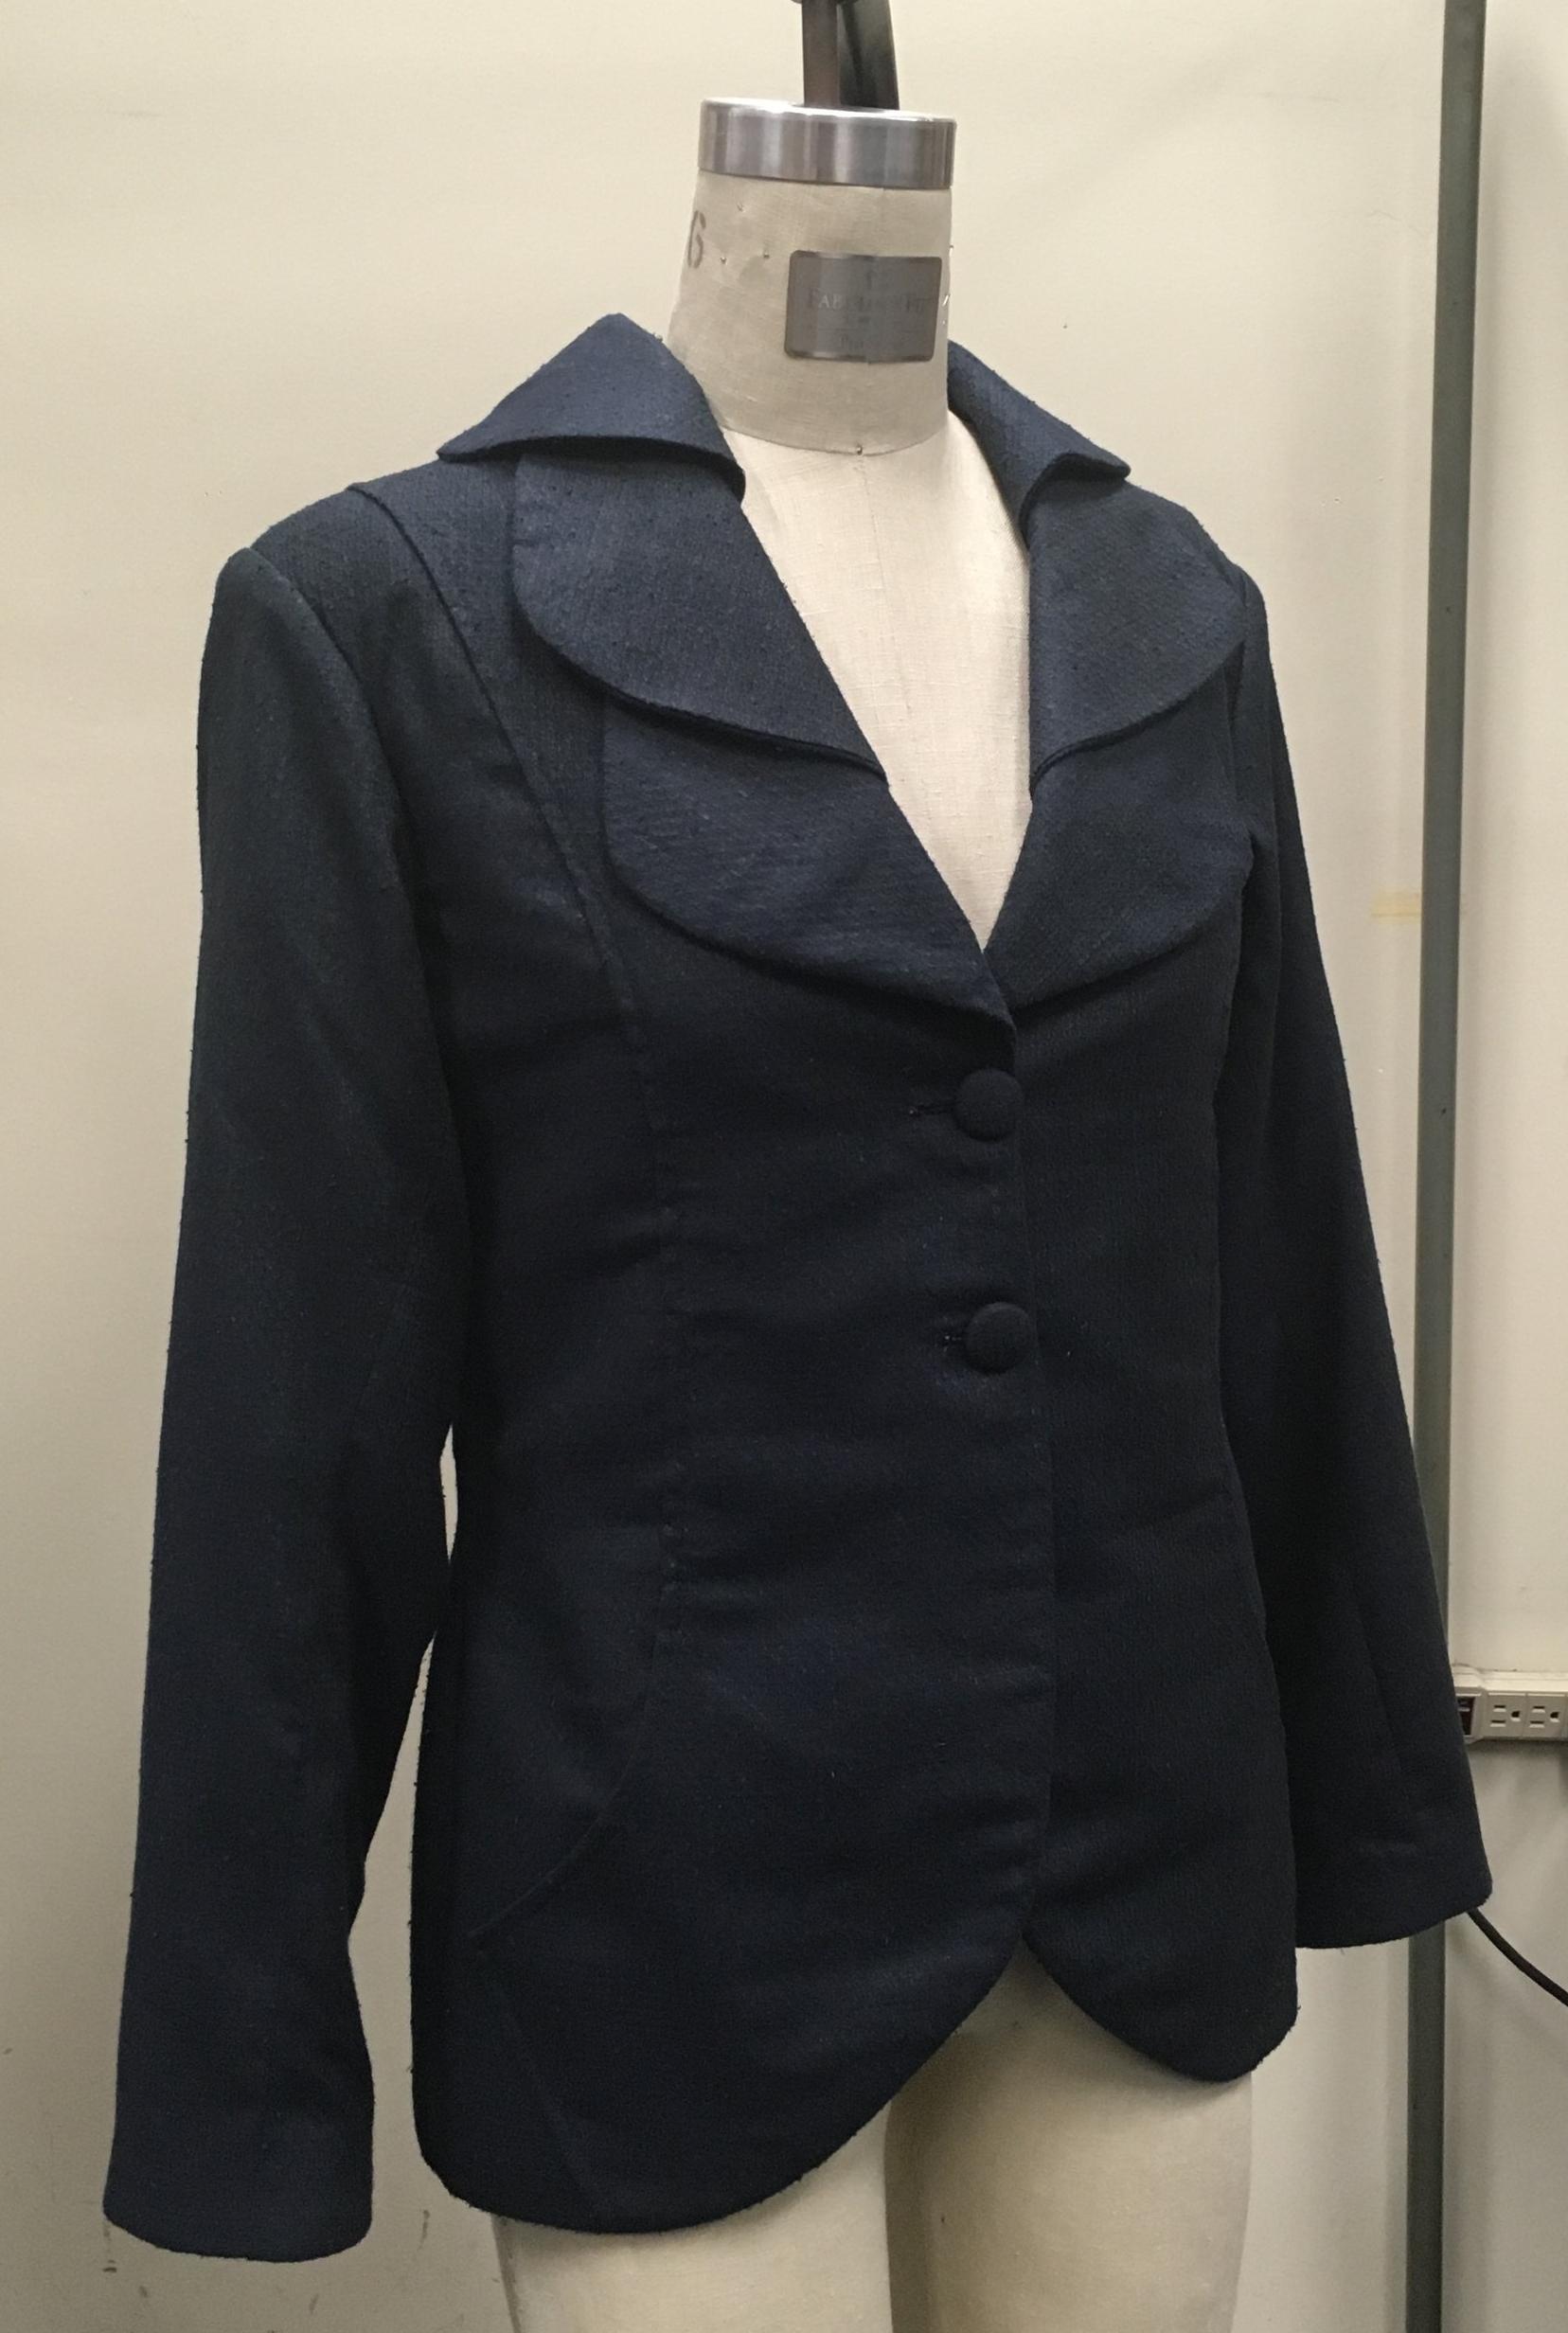 Jacket in progress.